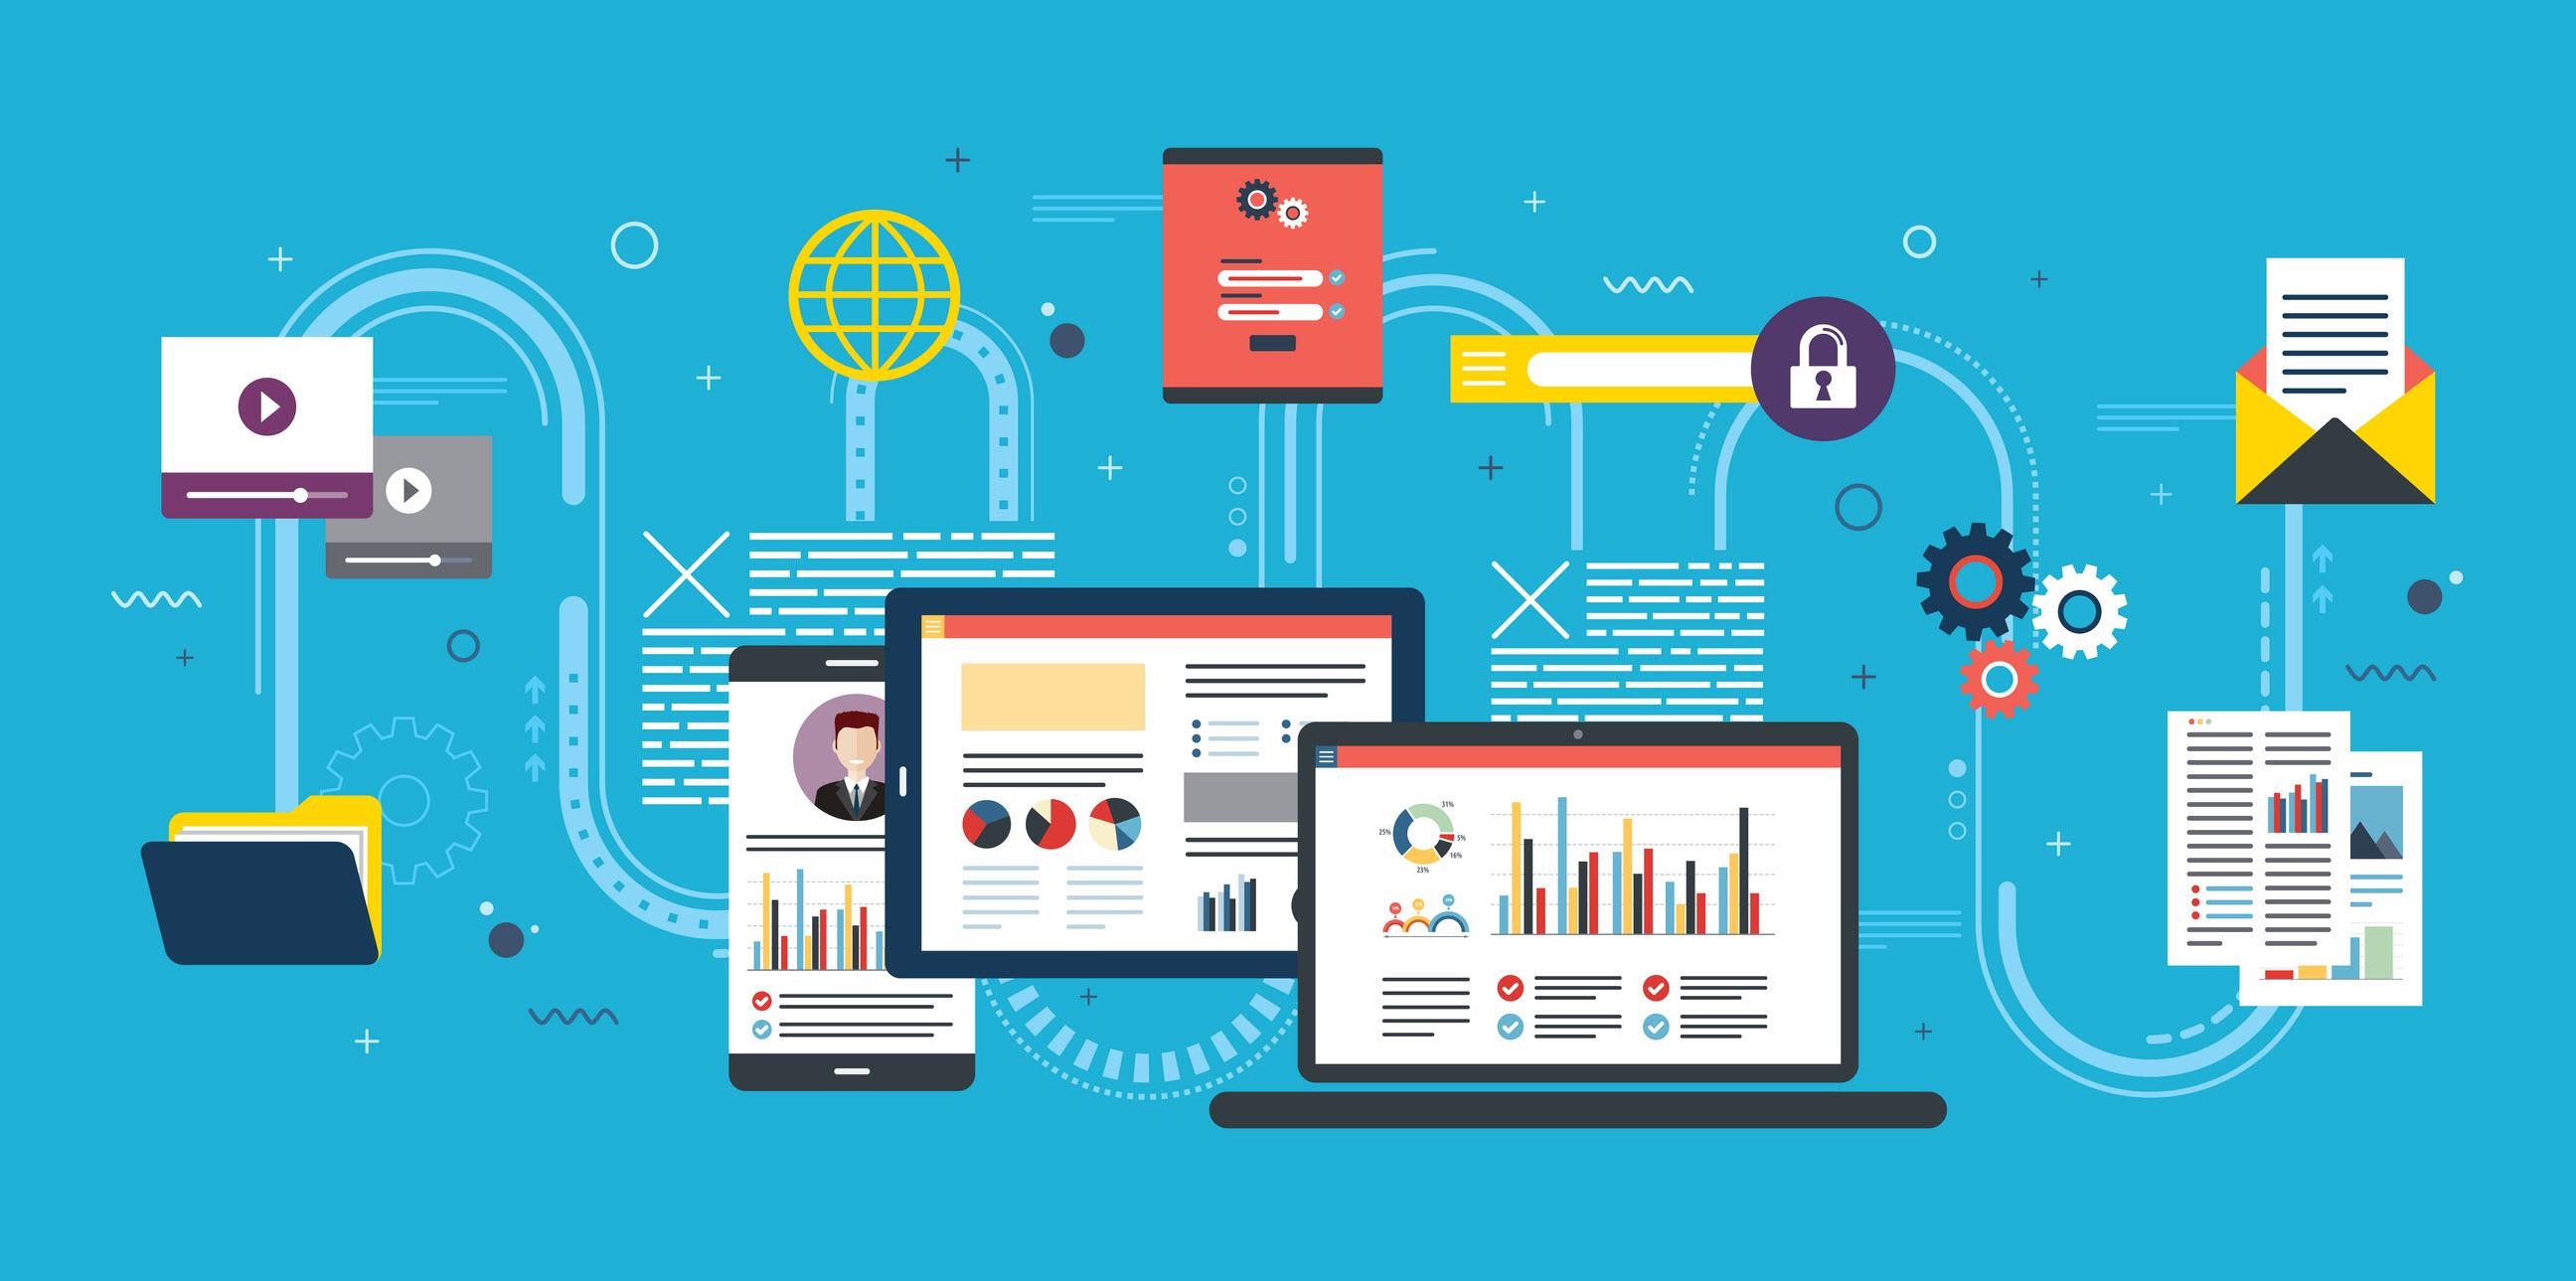 10 نوع مختلف دیجیتال مارکتینگ(بازاریابی دیجیتال)